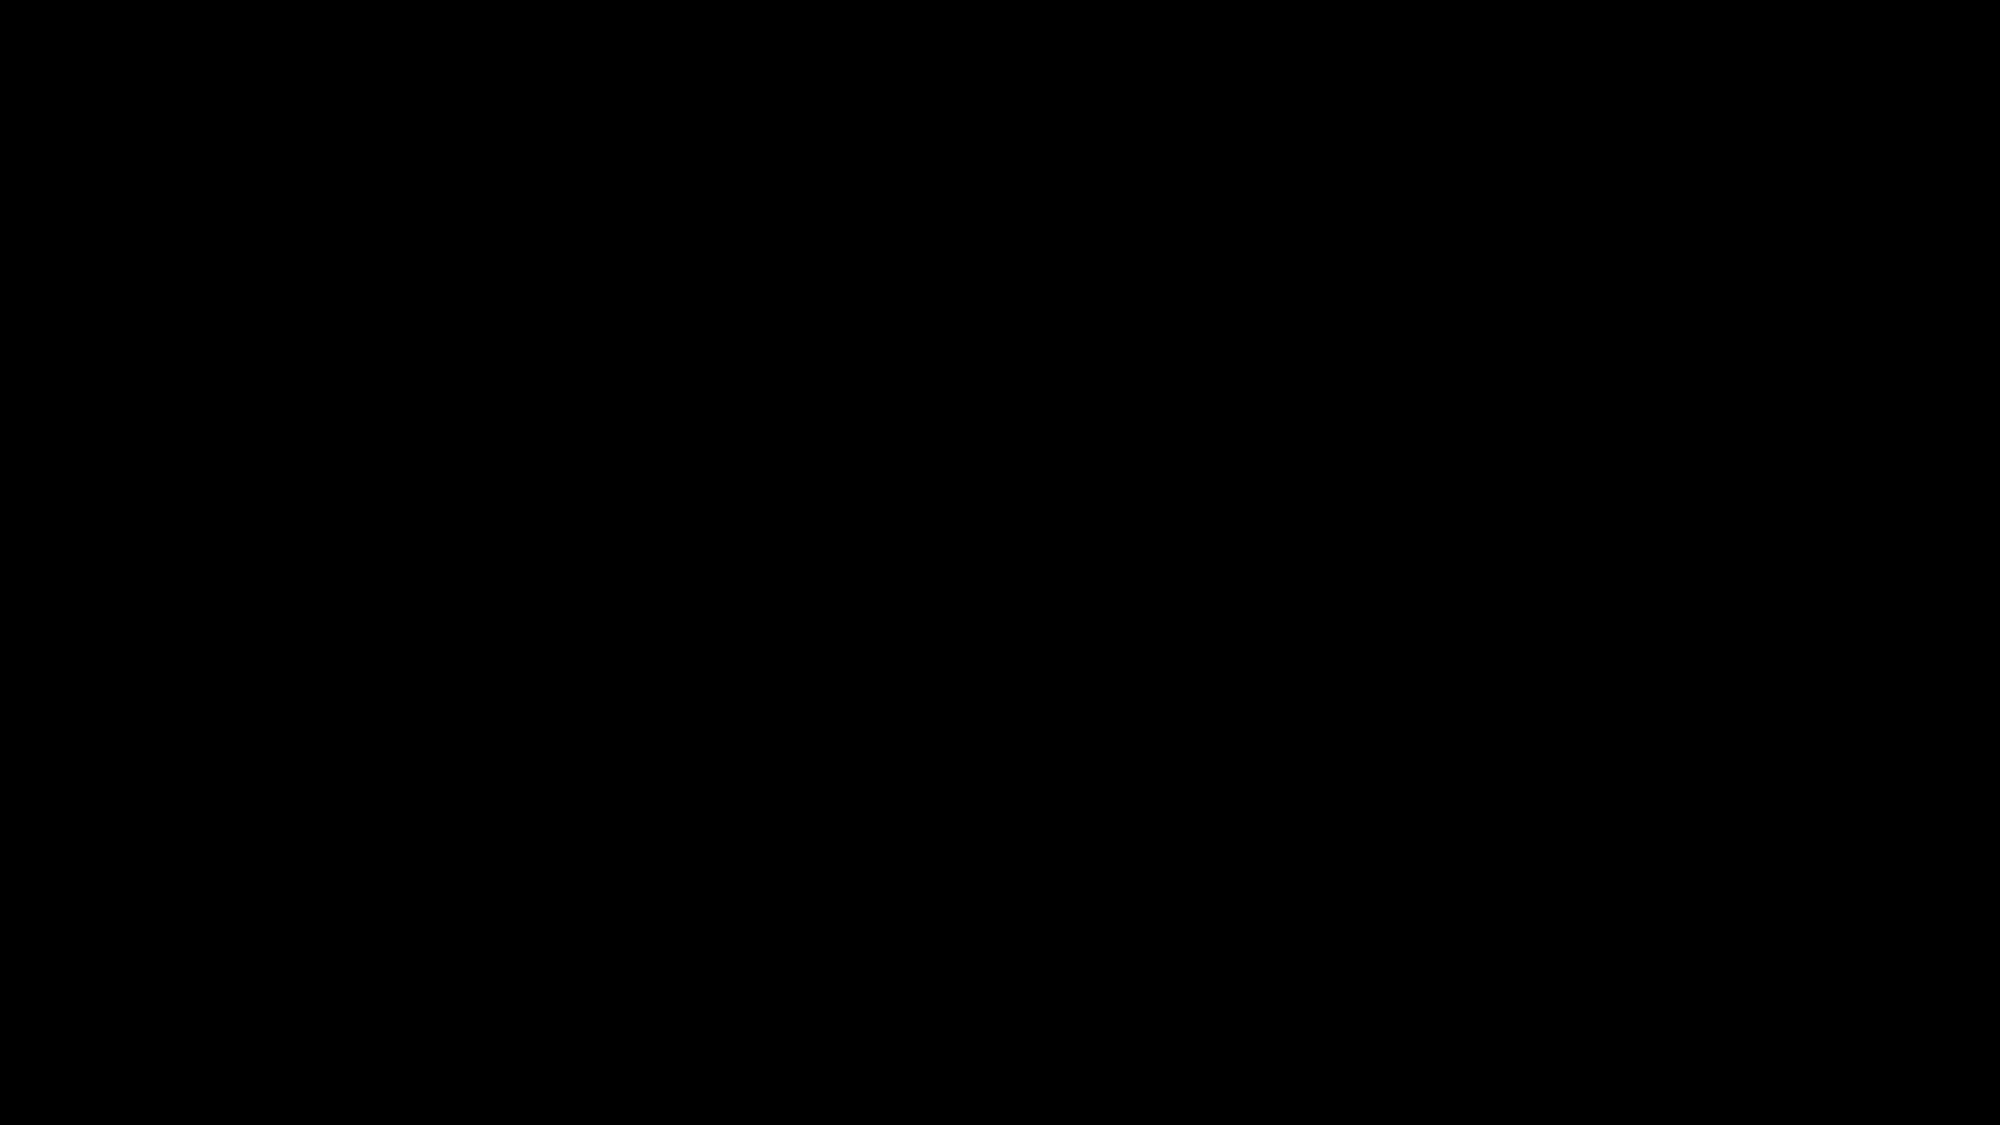 pictogram-zaciname-2021